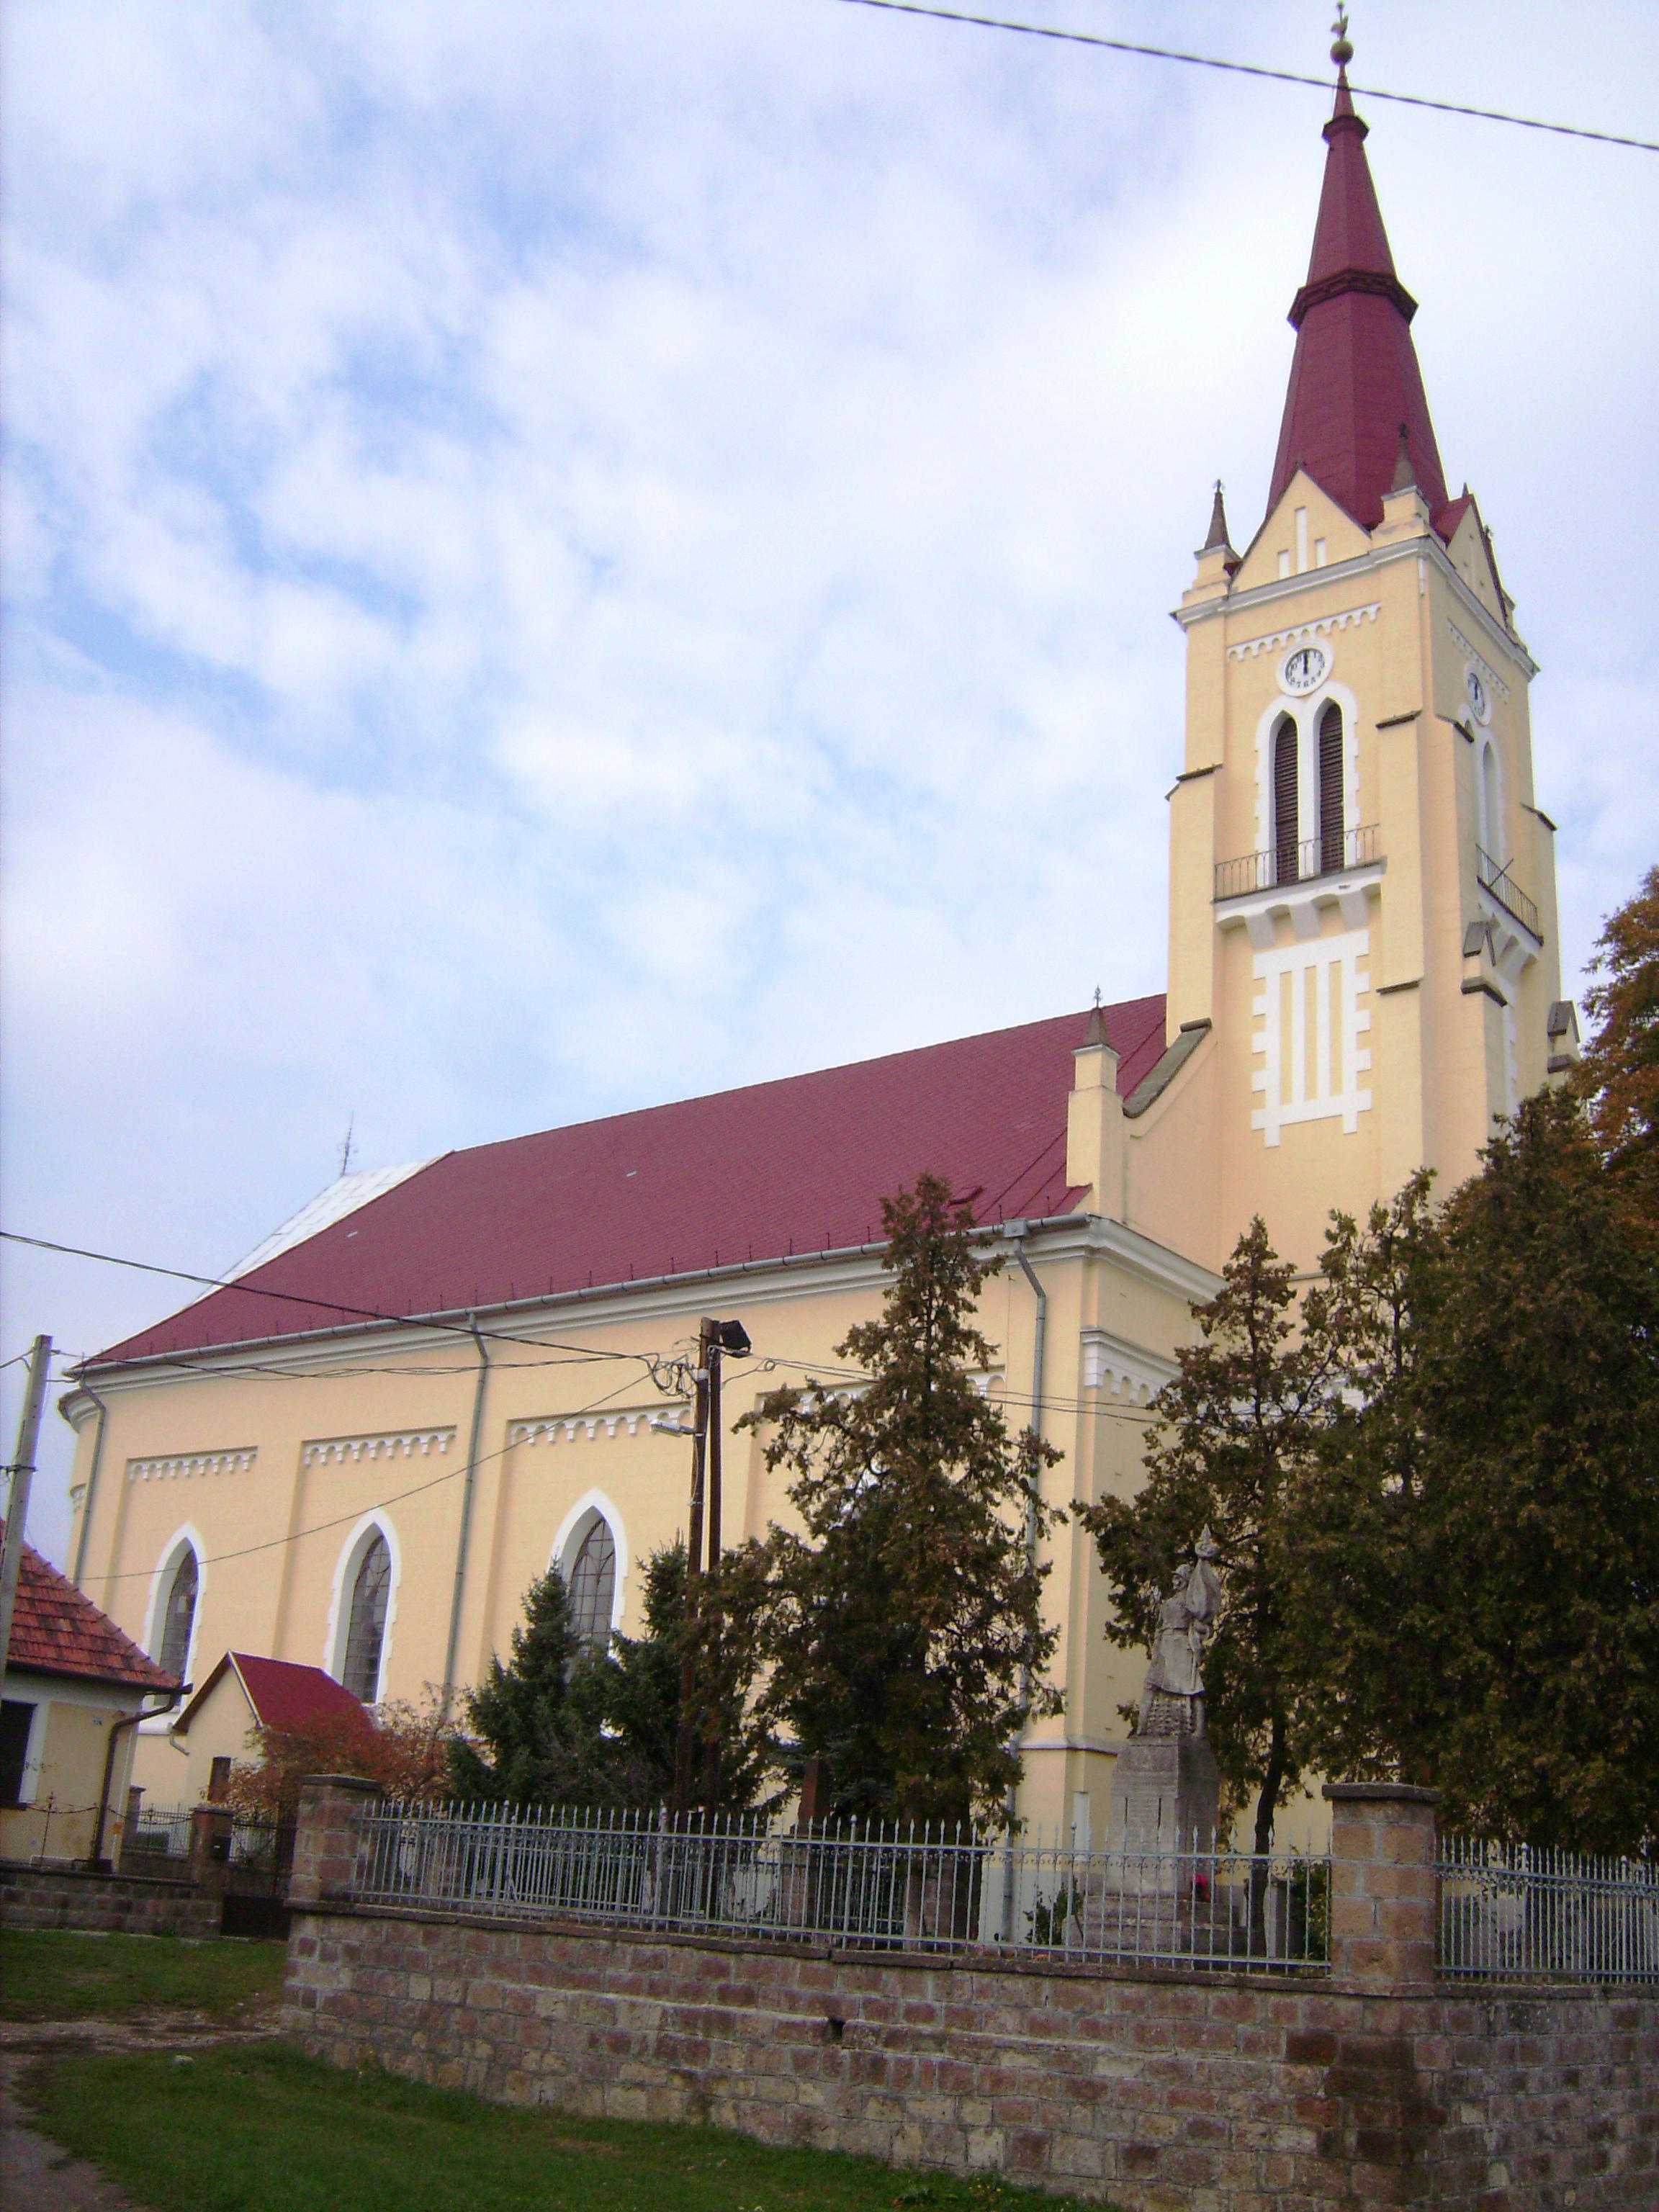 Borsod-Abaúj-Zemplén megye egyik legmagasabb, 54 méteres református temploma.